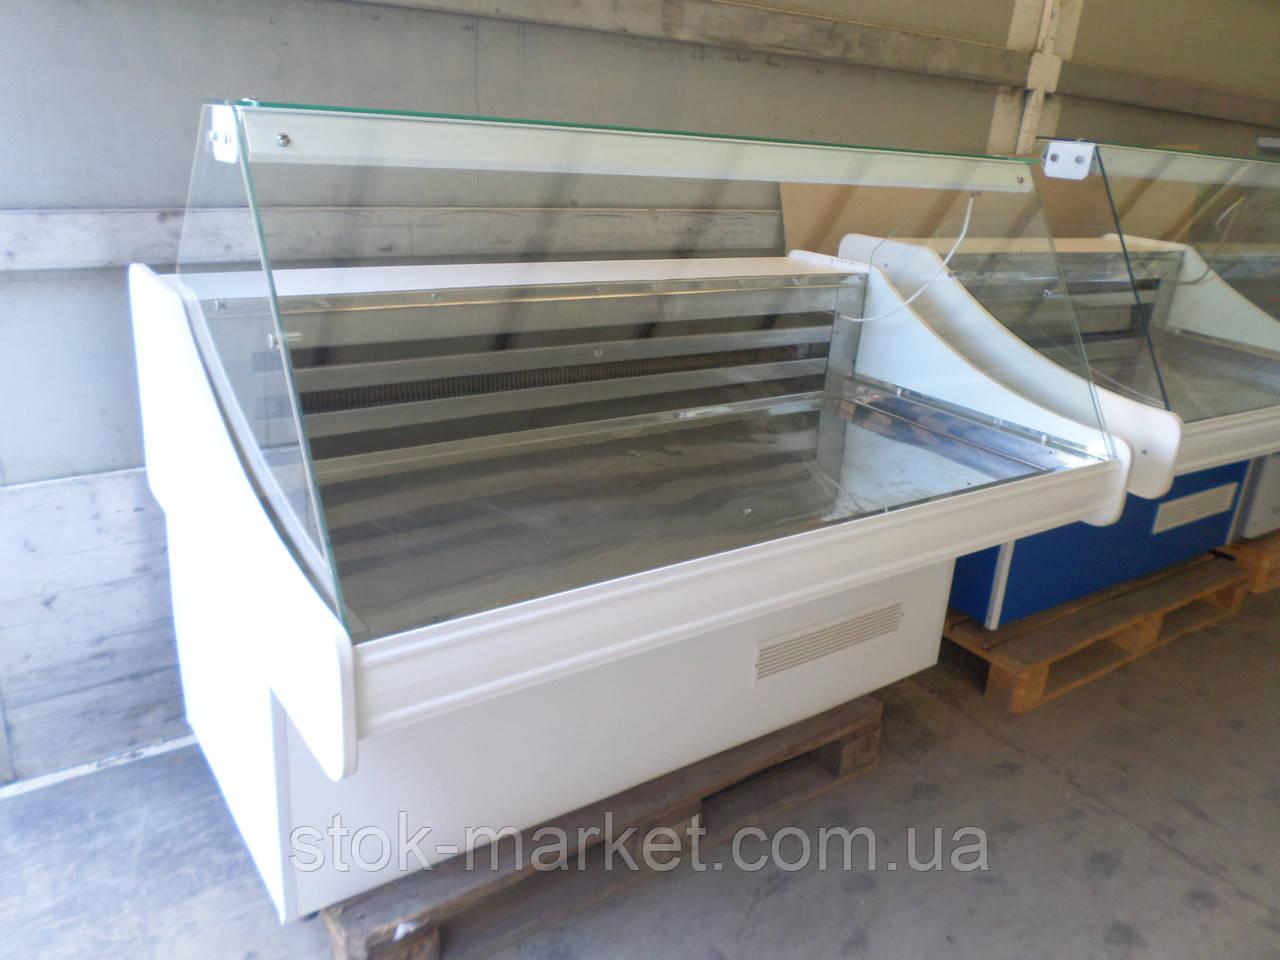 Холодильные витрины ТехноХолод 1,5 м. среднетемпературные.